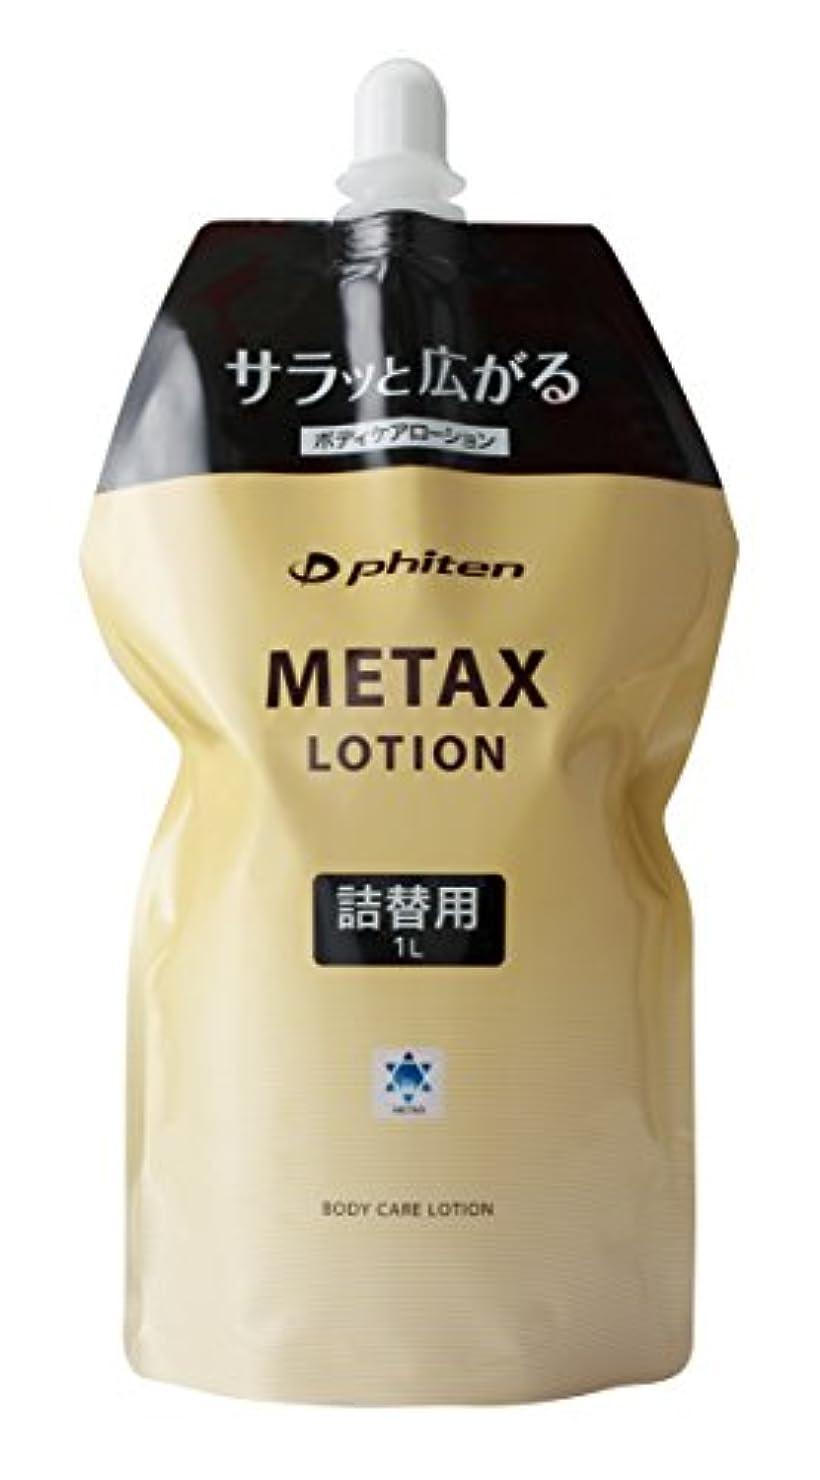 健康範囲ものファイテン(phiten) メタックス ローション 1000ml 詰替用